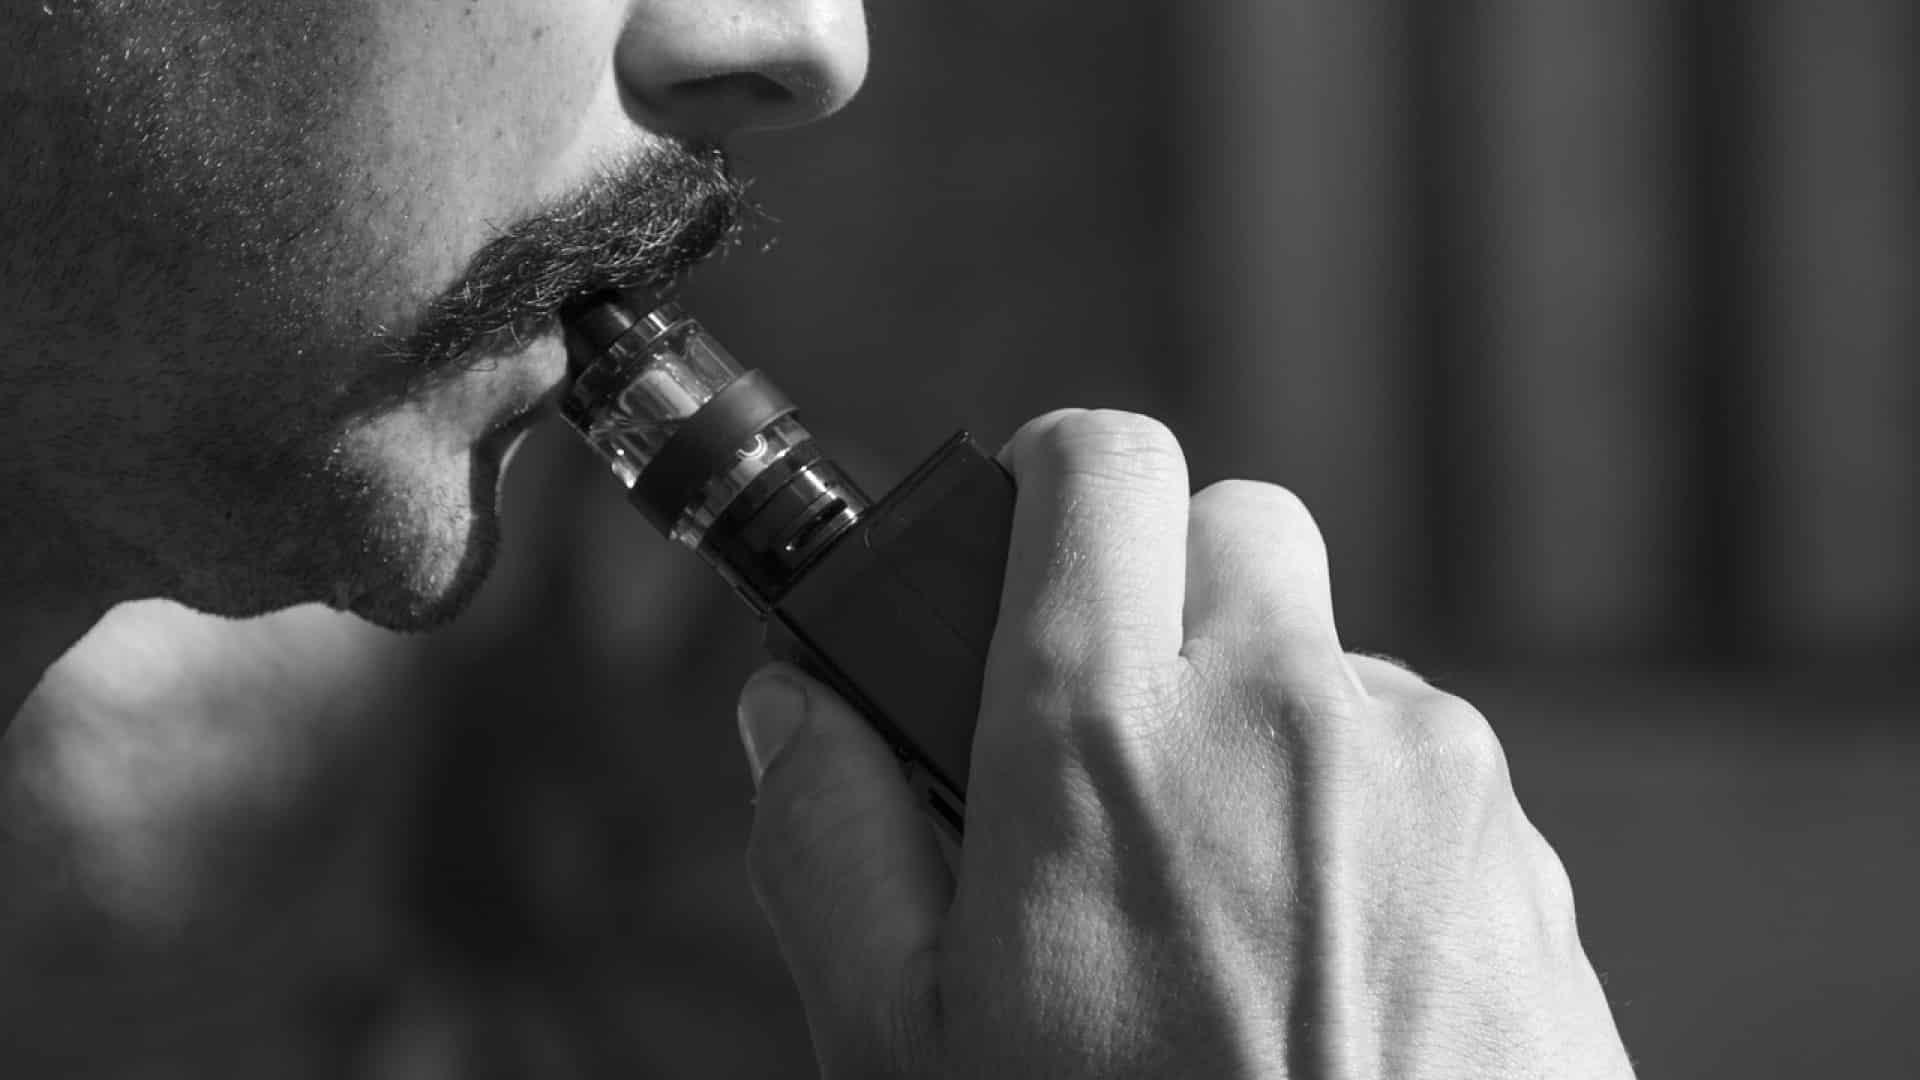 La cigarette électronique : que faut-il savoir ?